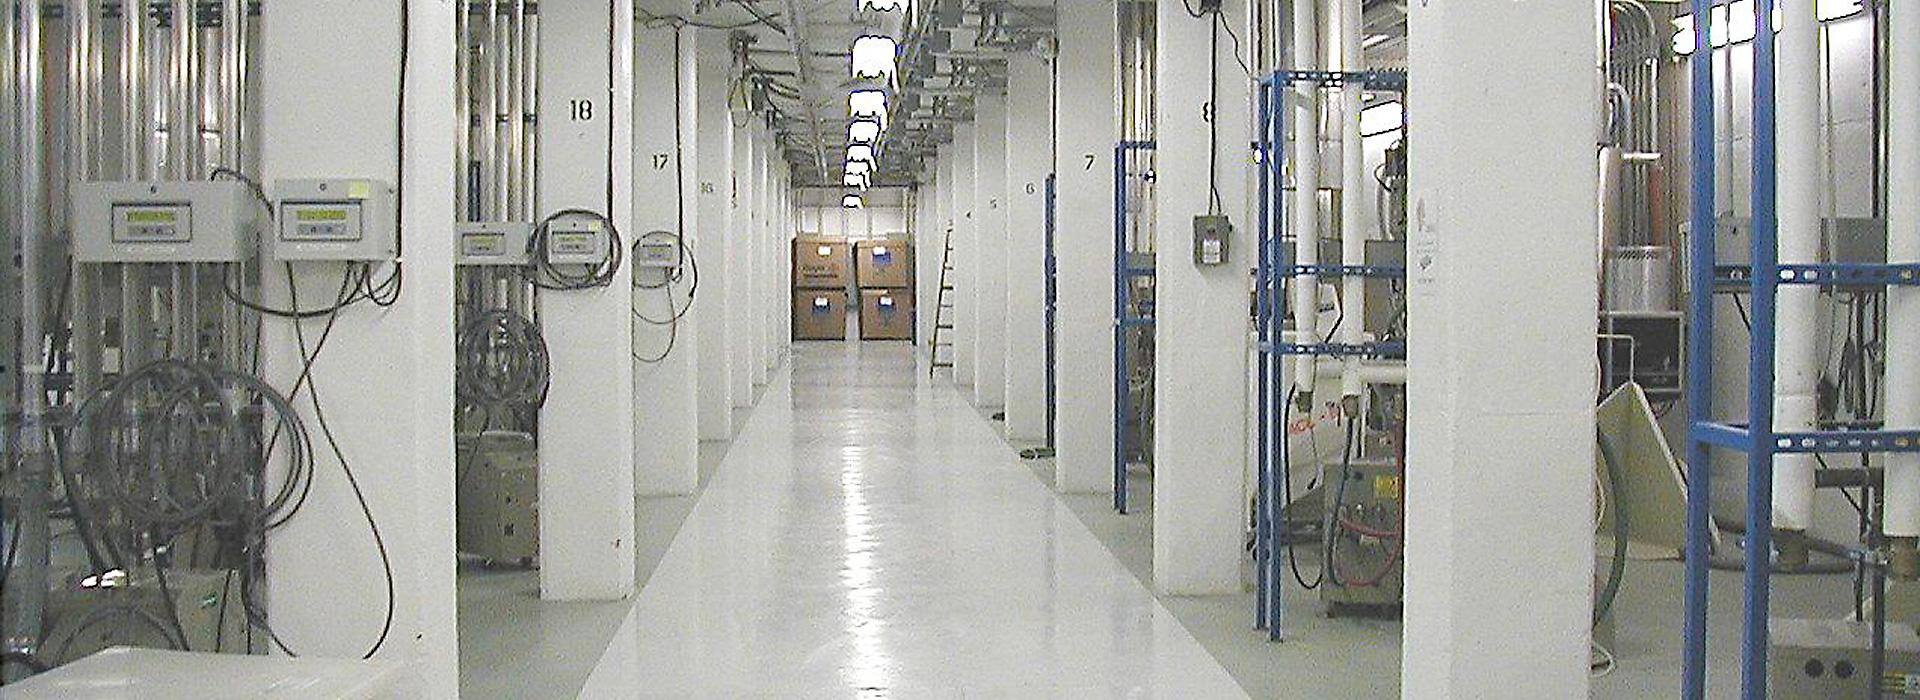 Vantec Inc Facility